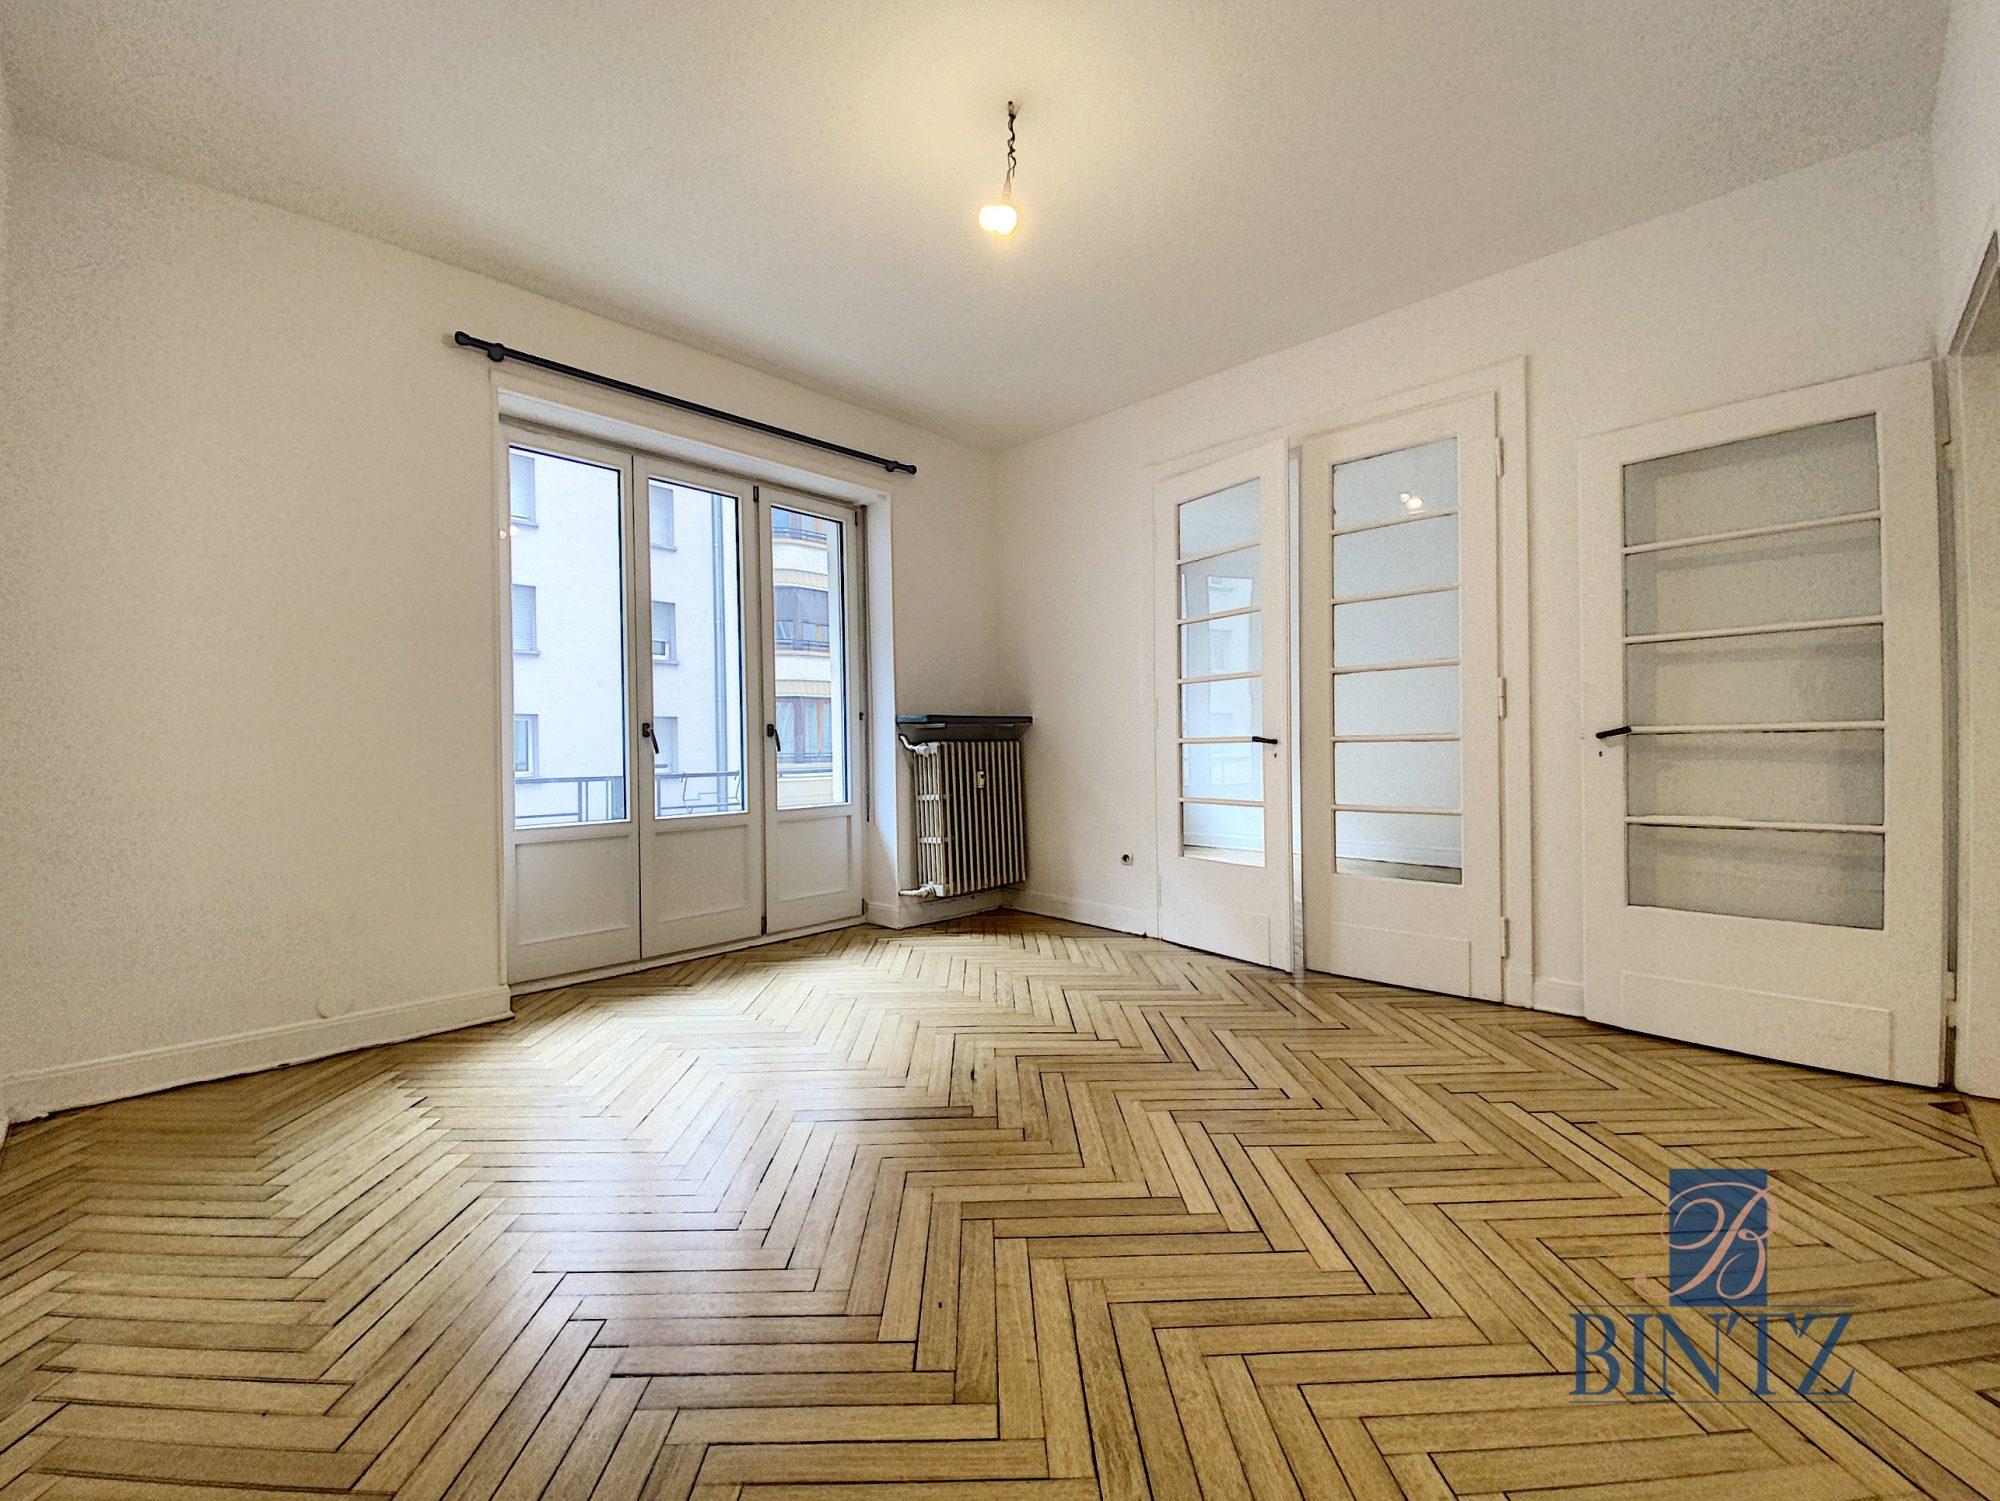 2 PIÈCES KRUTENAU - Devenez locataire en toute sérénité - Bintz Immobilier - 1